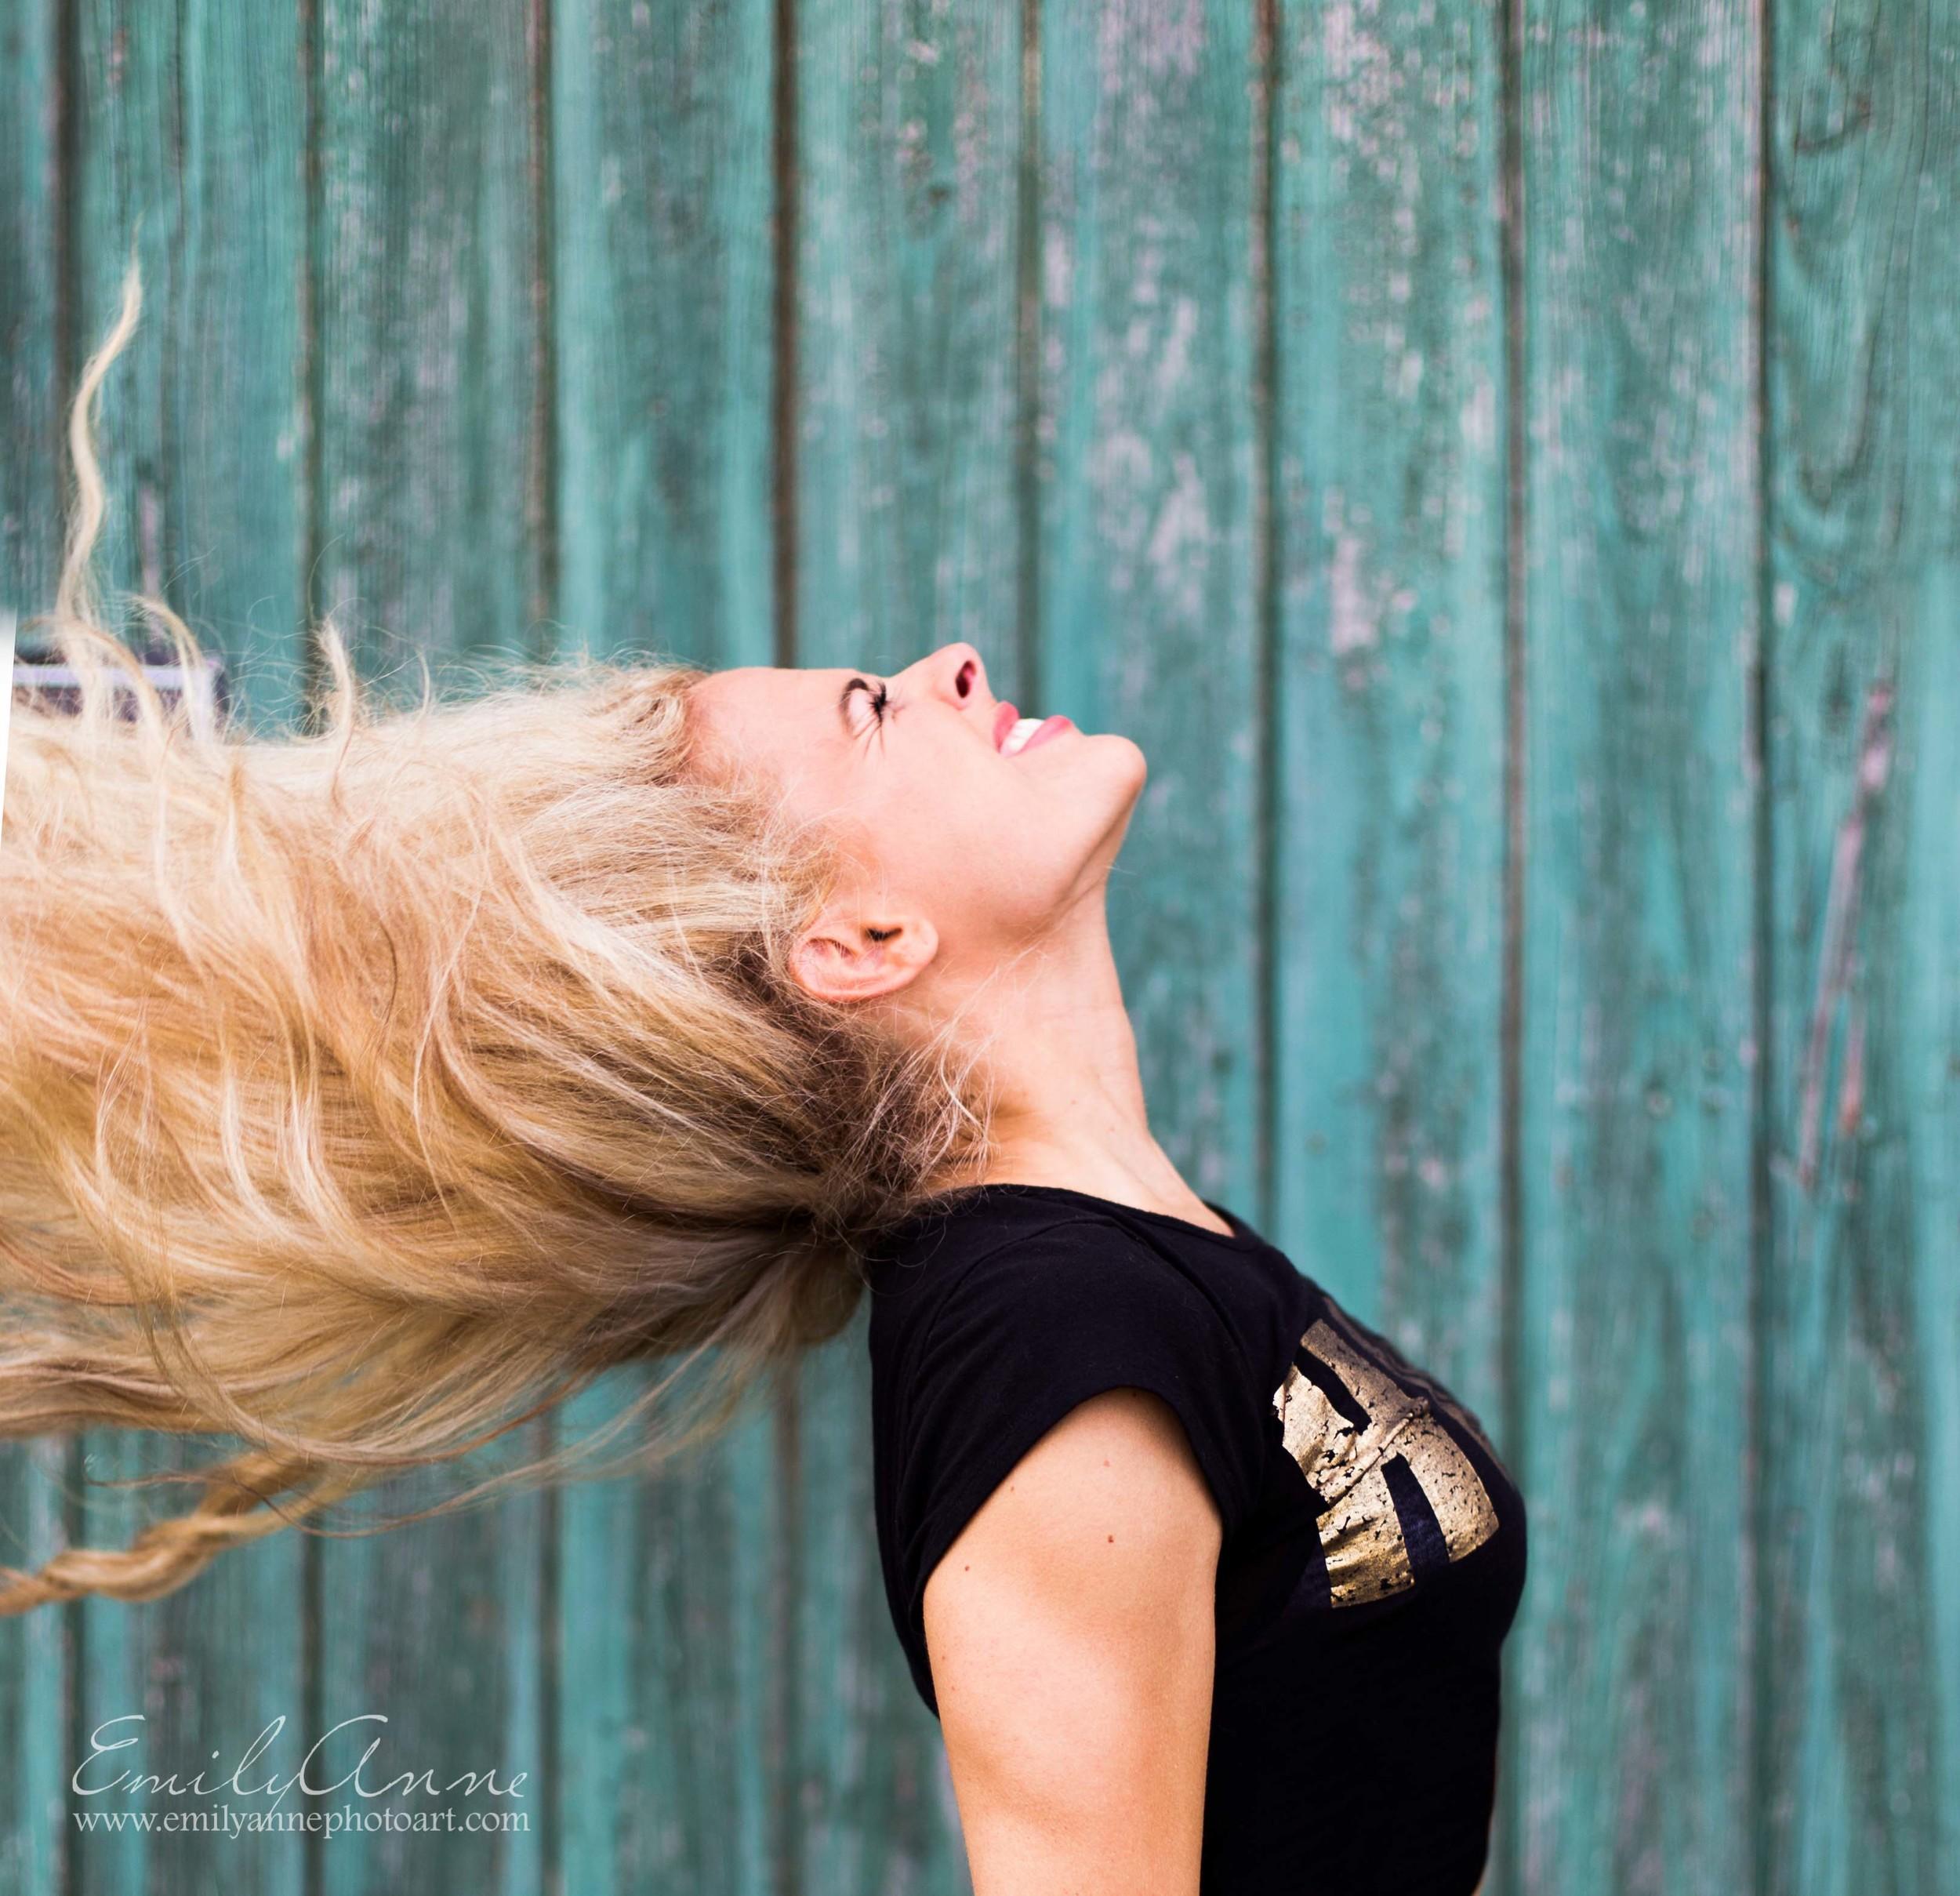 modeling headshots inspirational women's photoshoot best nashville fitness and lifestyle photographer emily anne photo art (emily anne photography)